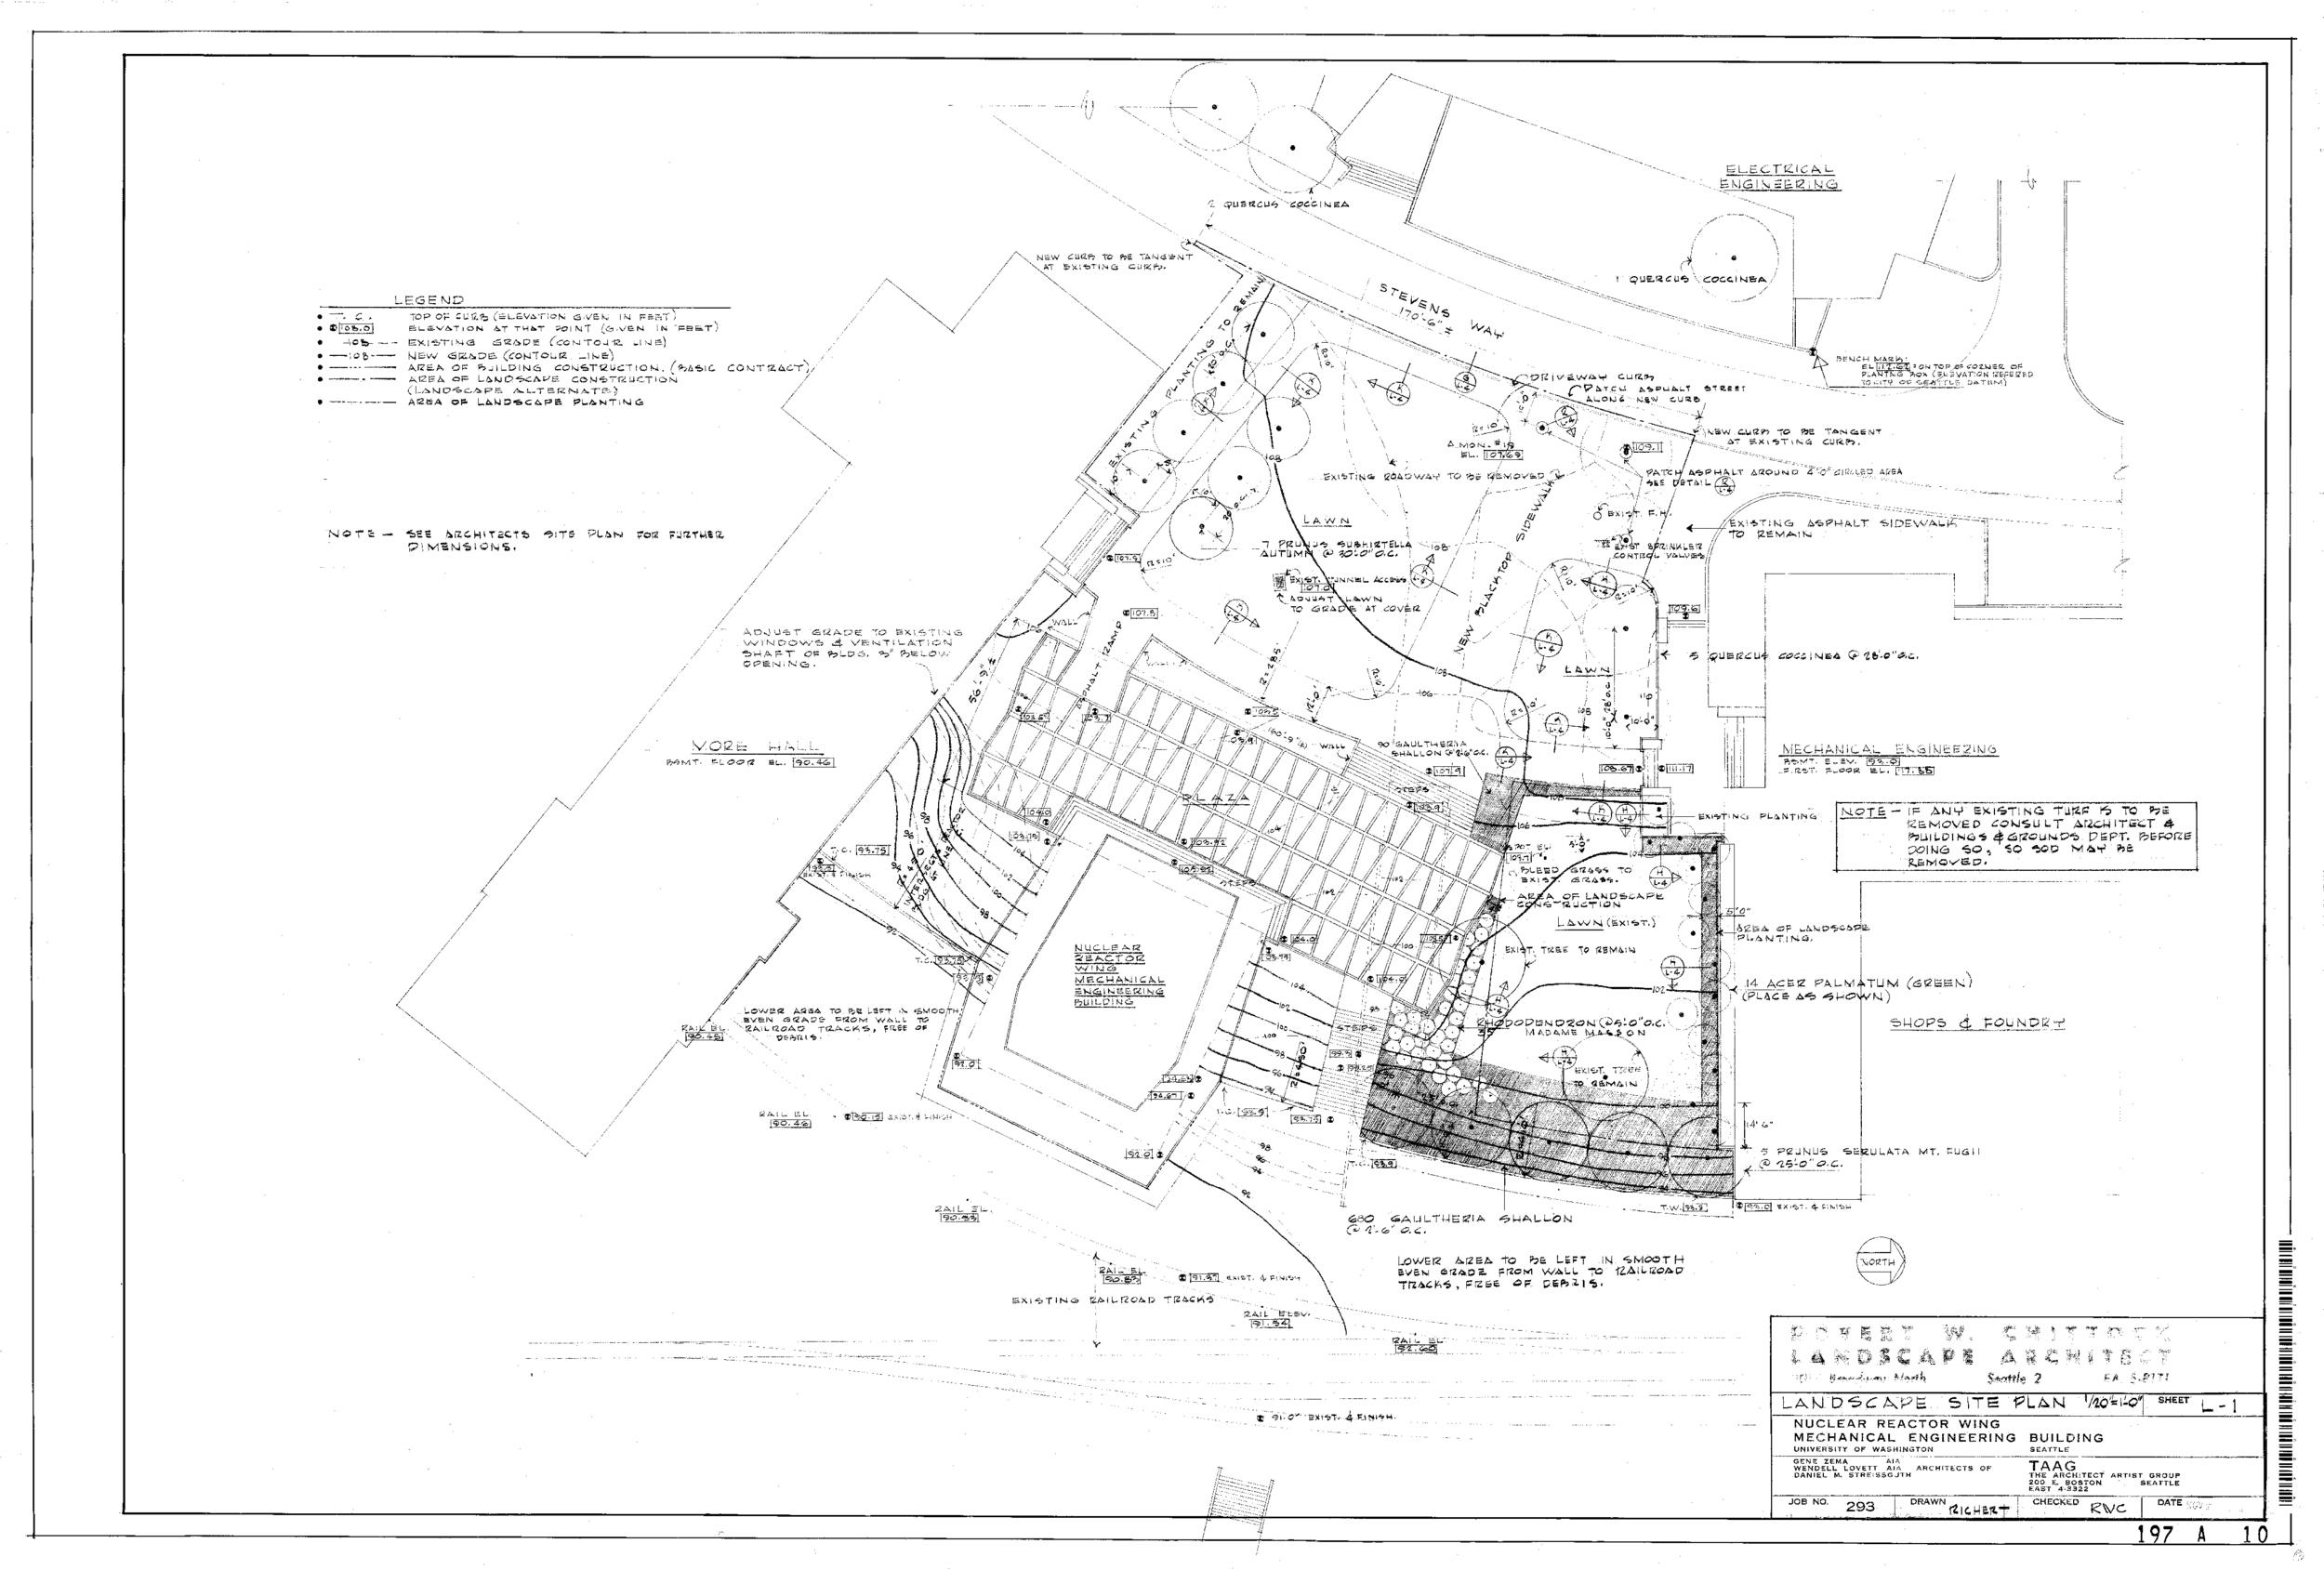 Nuclear Reactor Building - Landscape Site Plan